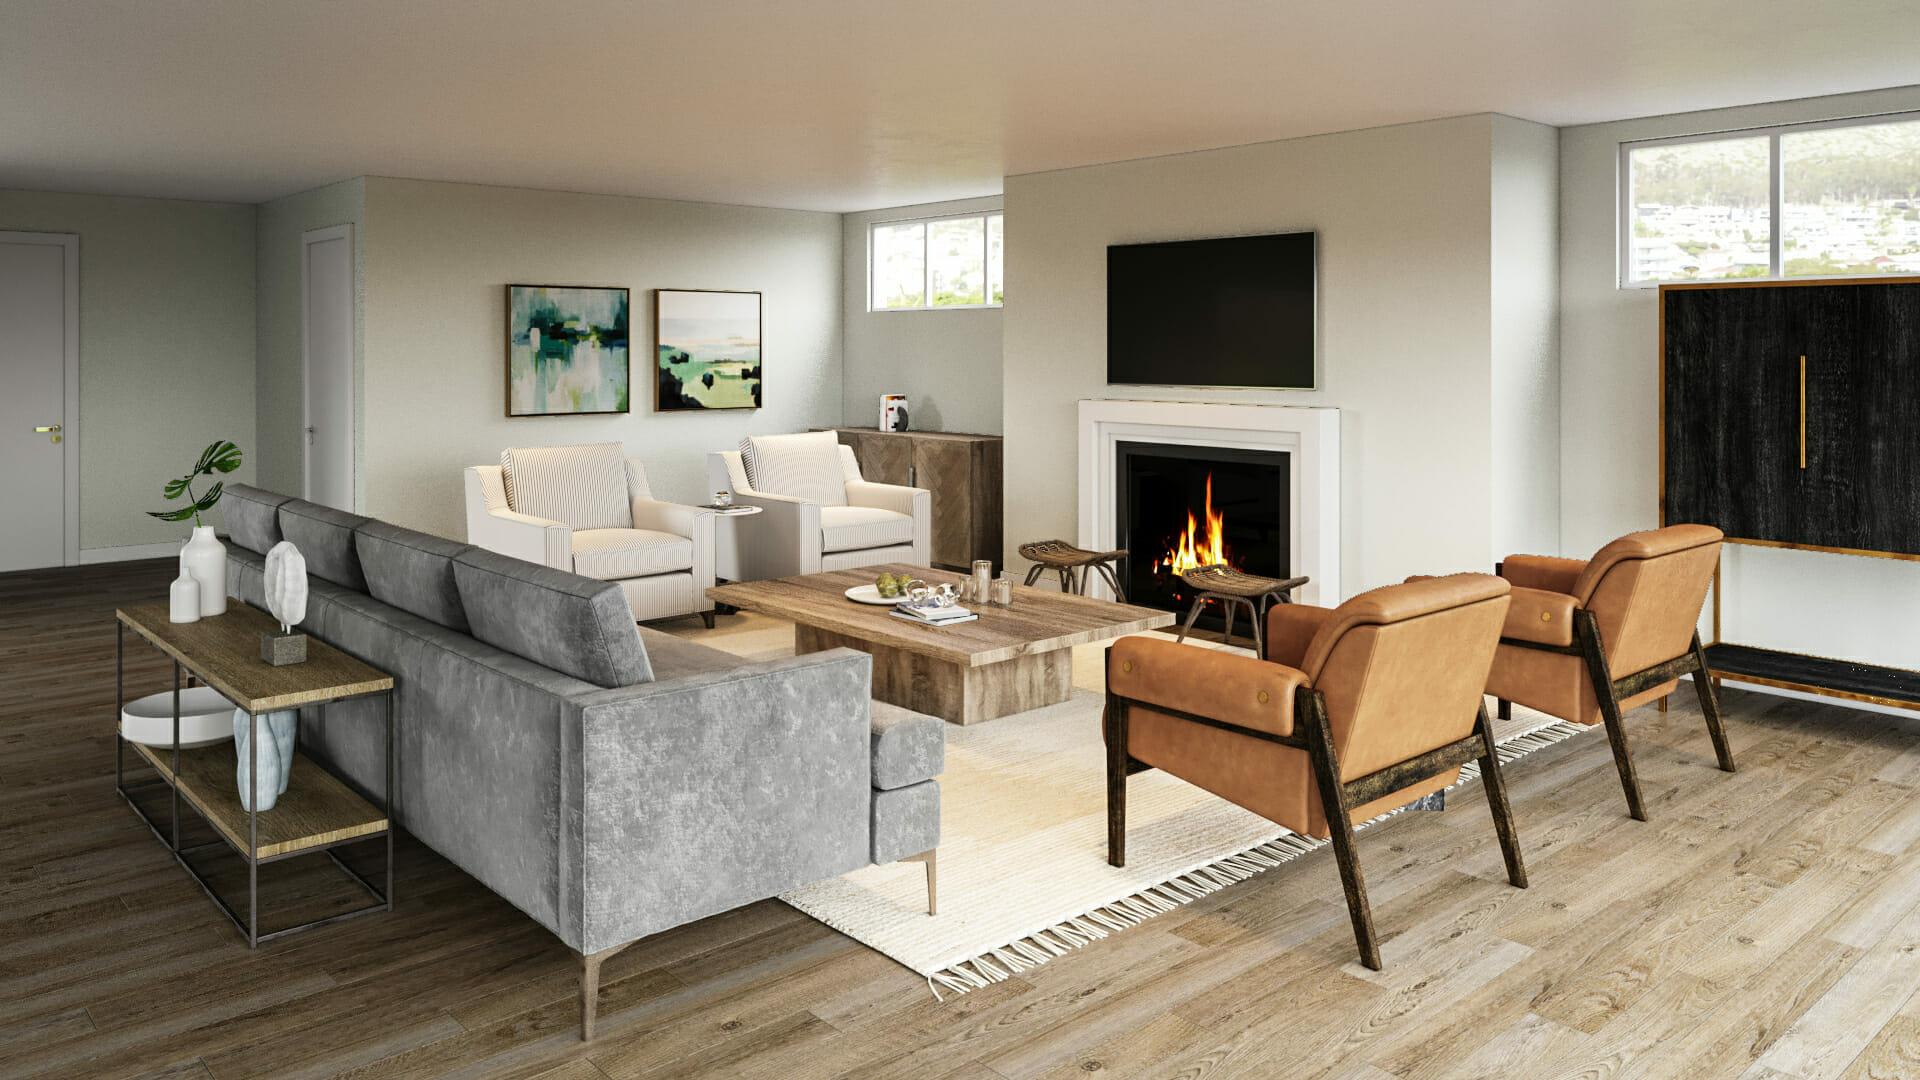 Cozy contemporary living room by Decorilla and Boston interior decorator, Ashley H.